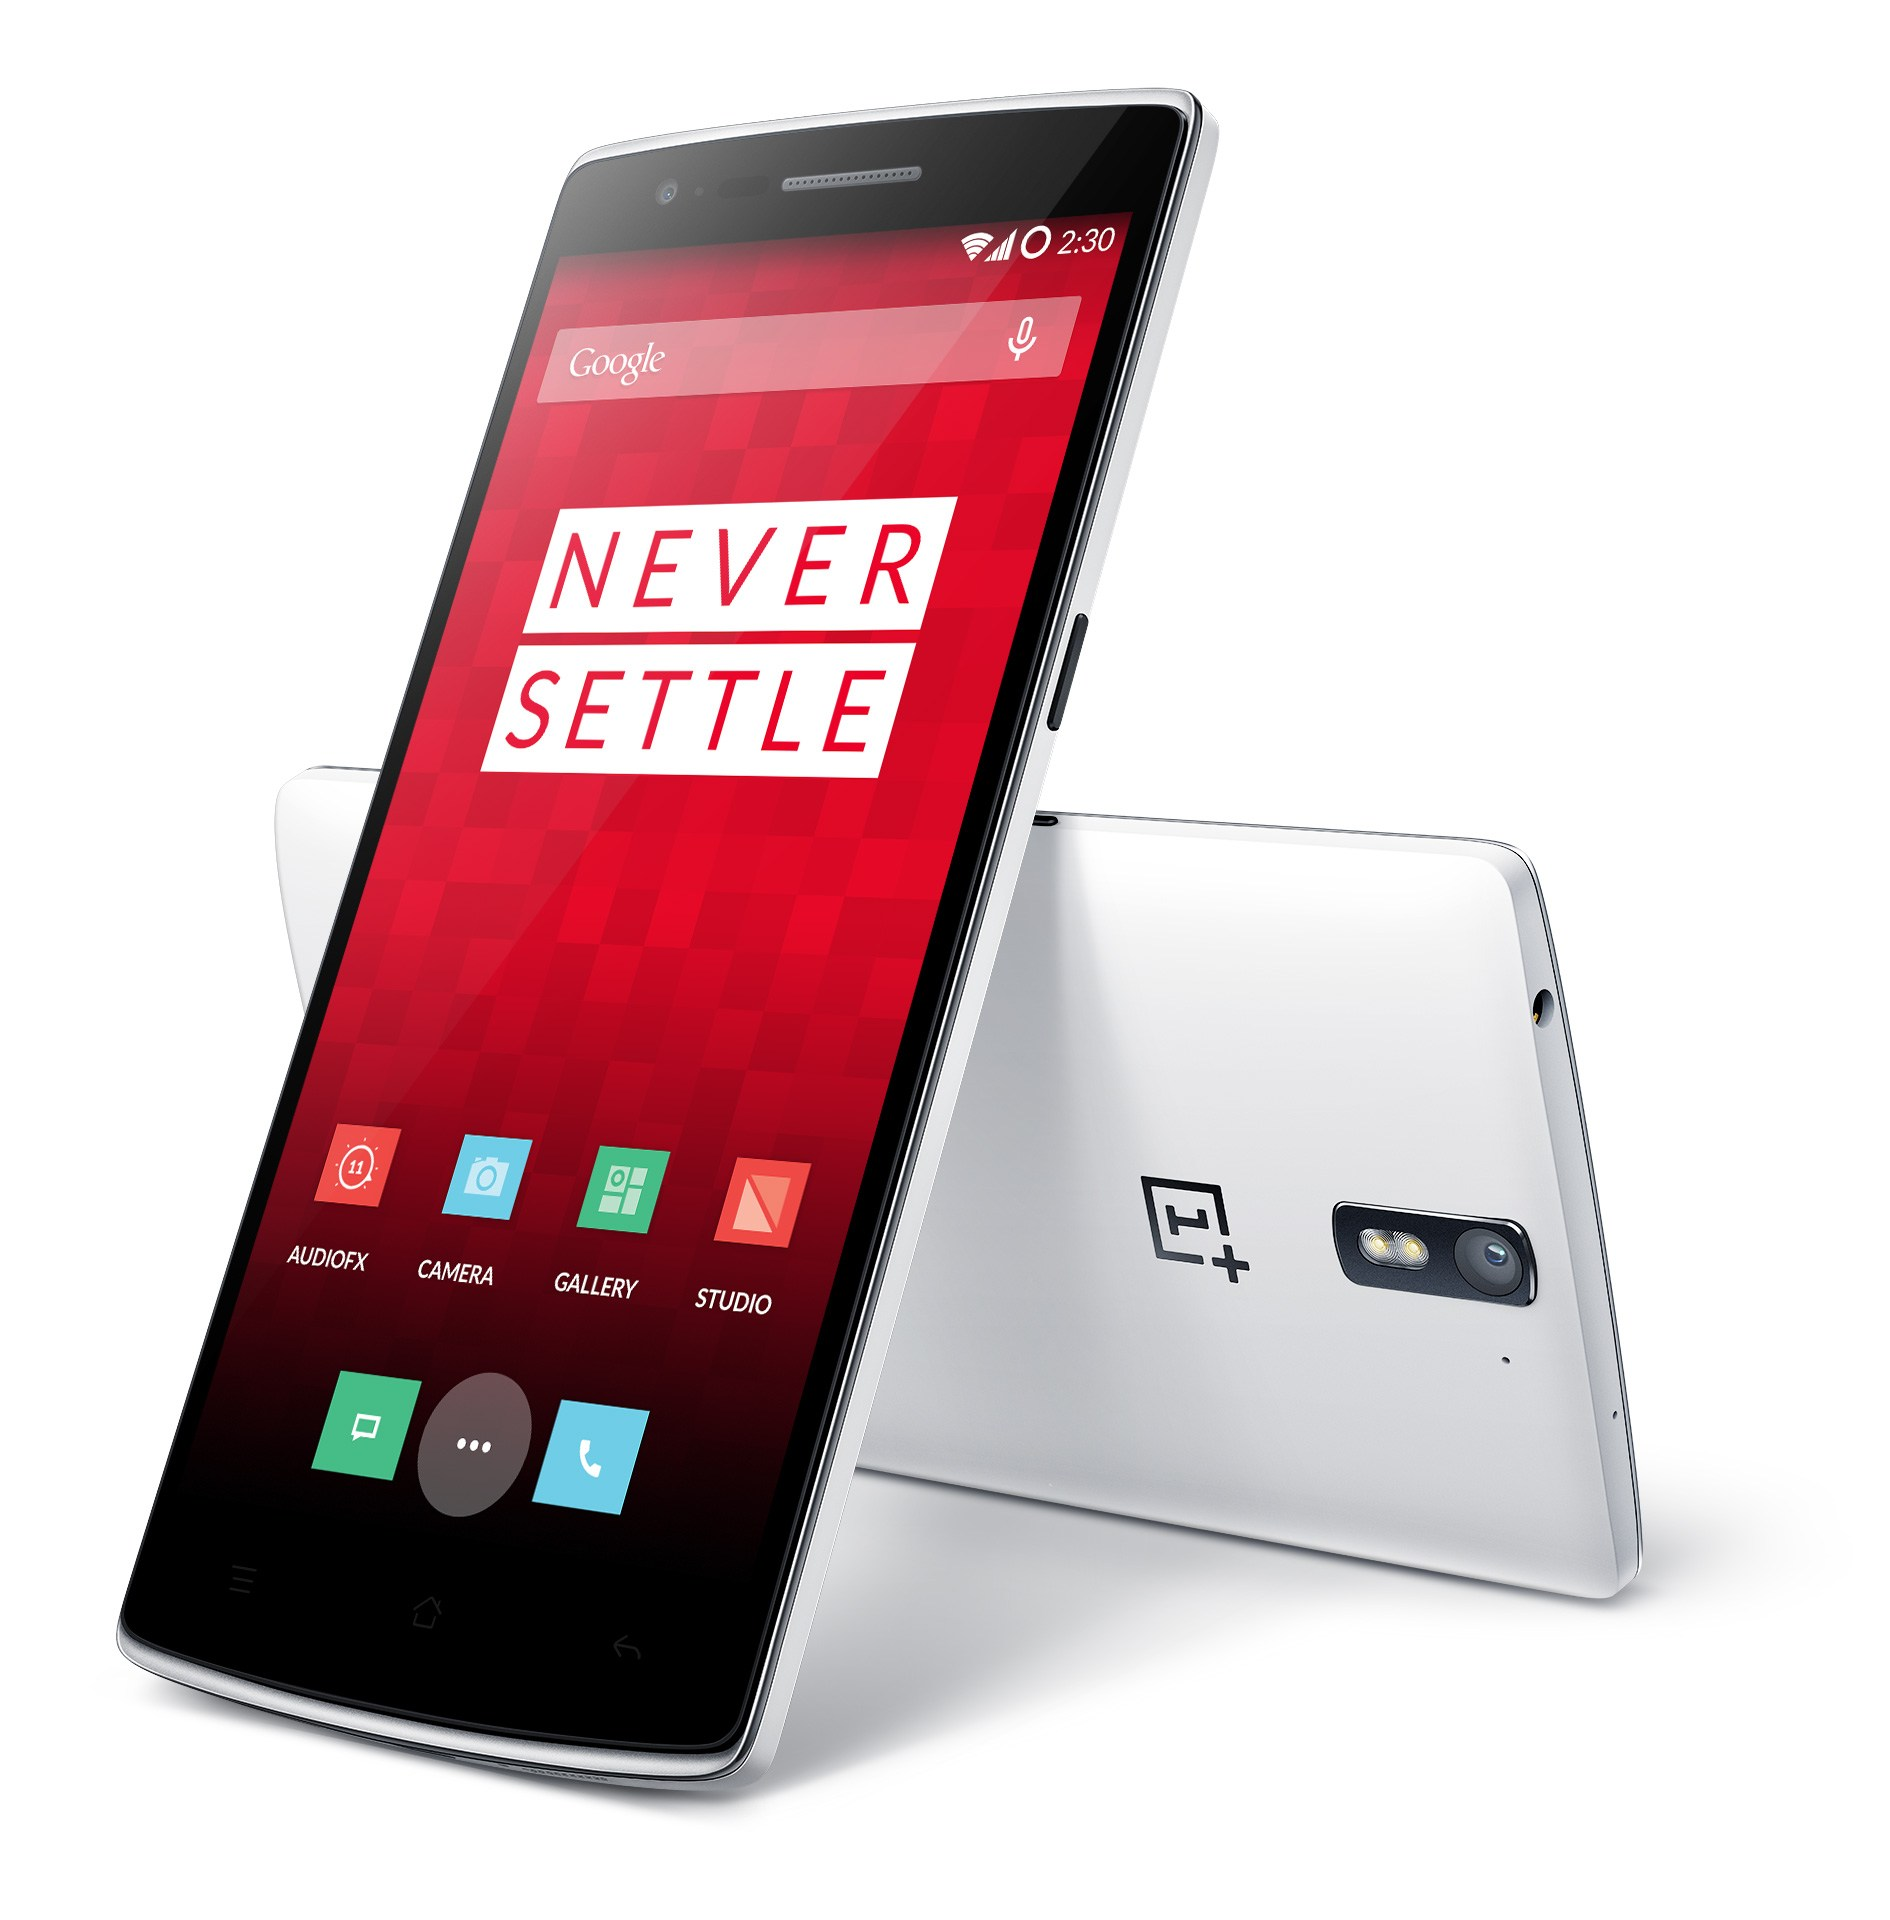 Pour le OnePlus One 64 Go, il faudra attendre au moins jusqu'à juin